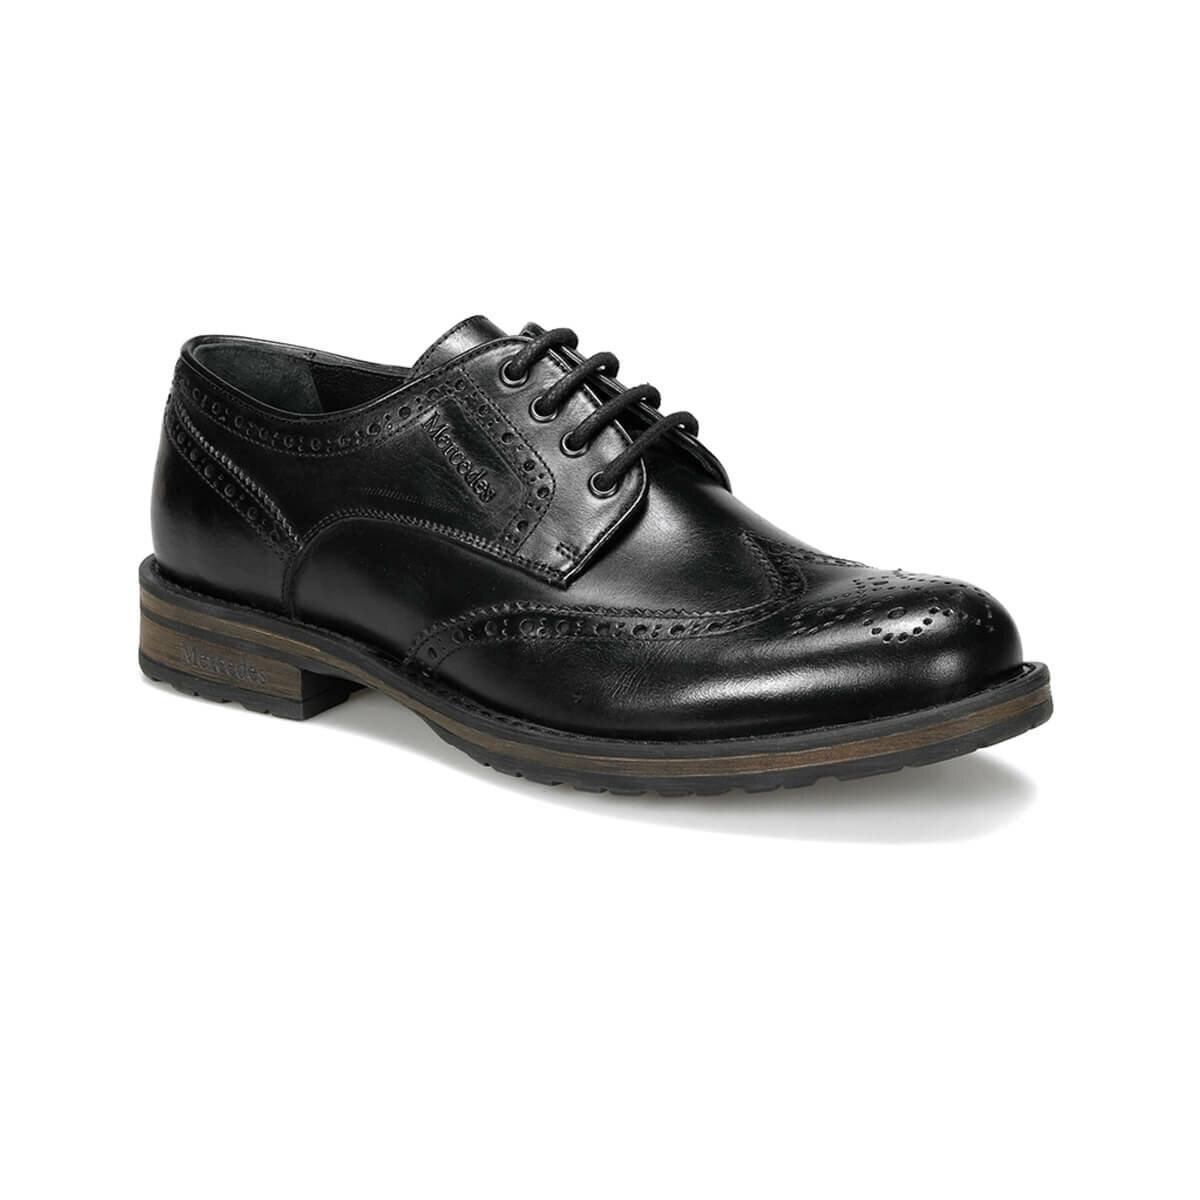 FLO REYES 9PR Black Men 'S Classic Shoes MERCEDES